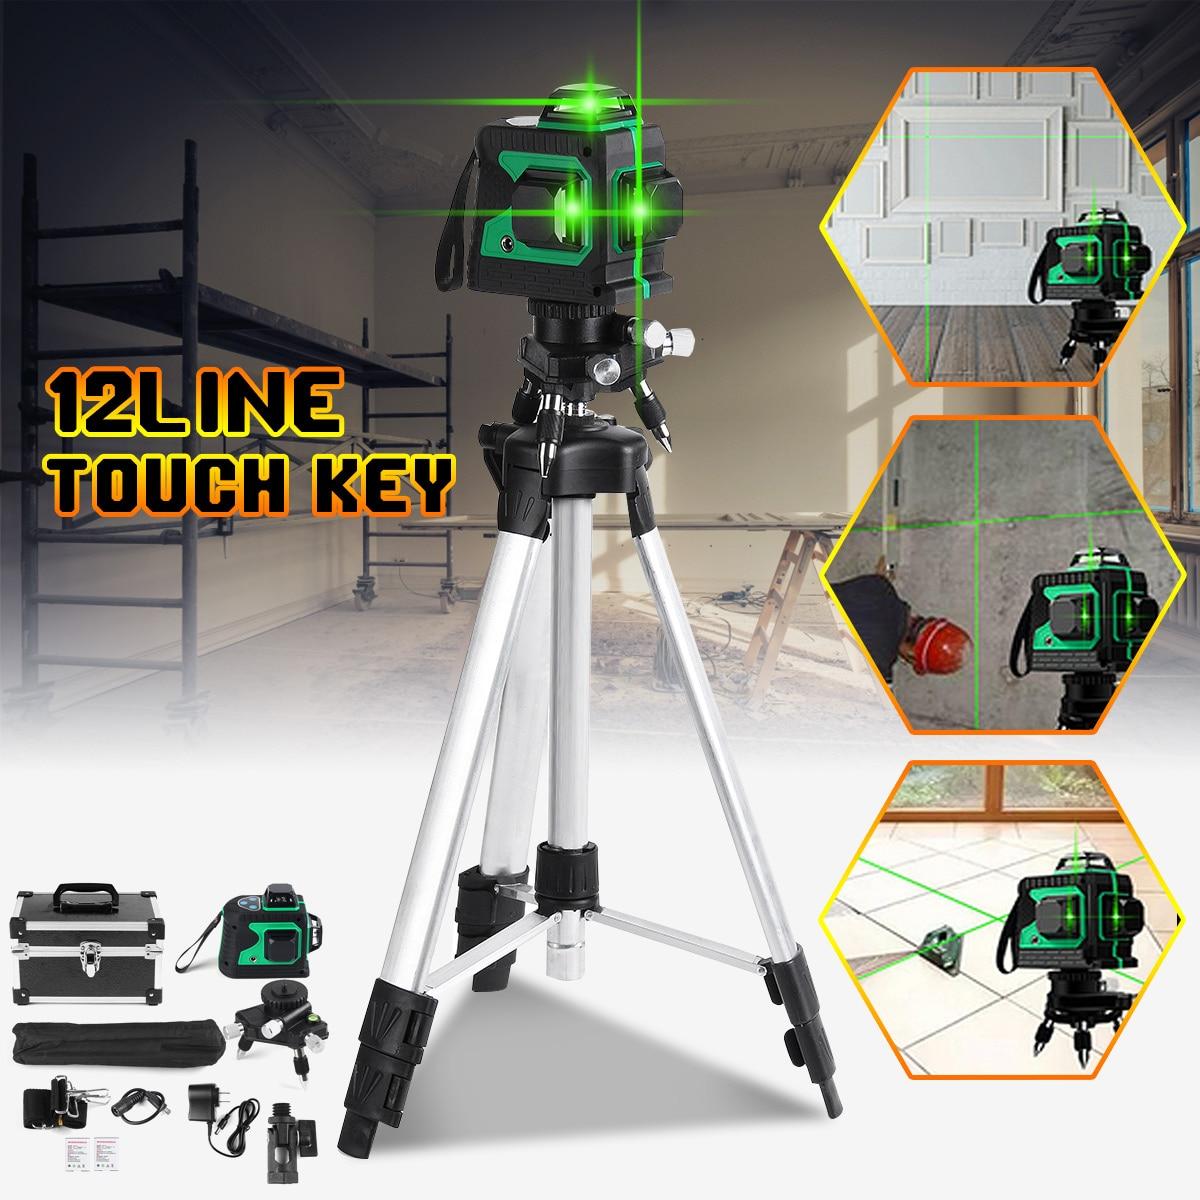 12 ligne 3D Vert Lumière Laser Niveau Auto-Nivellement Mesure 360 Horizontal Vertical Croix Super Puissant Laser Faisceau w /tripode